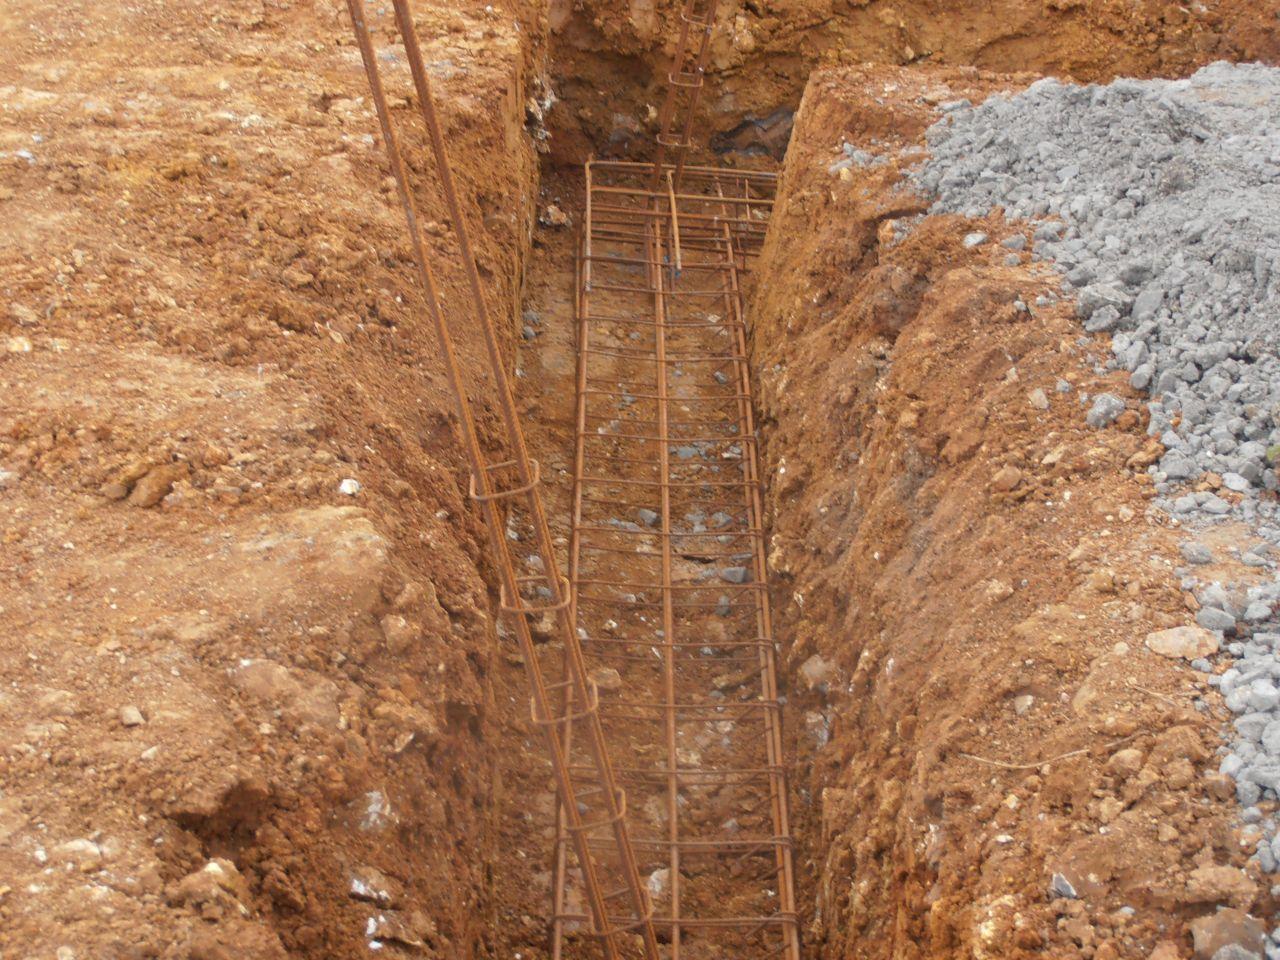 ferraillage en place pour fondations